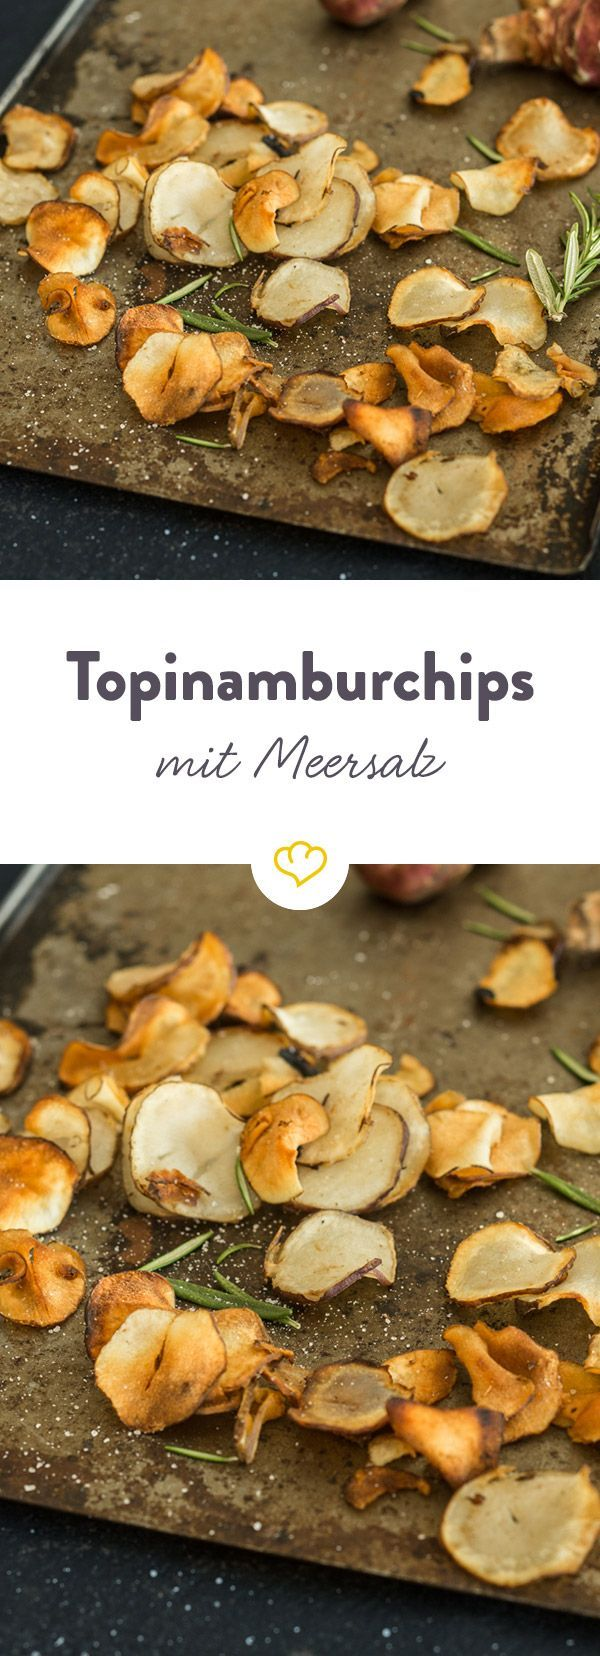 Diese super knusprigen Chips werden aus Topinambur hergestellt und sind von Natur aus fettarm. Für den Geschmack: Ein Topping aus Rosmarin und Salz.